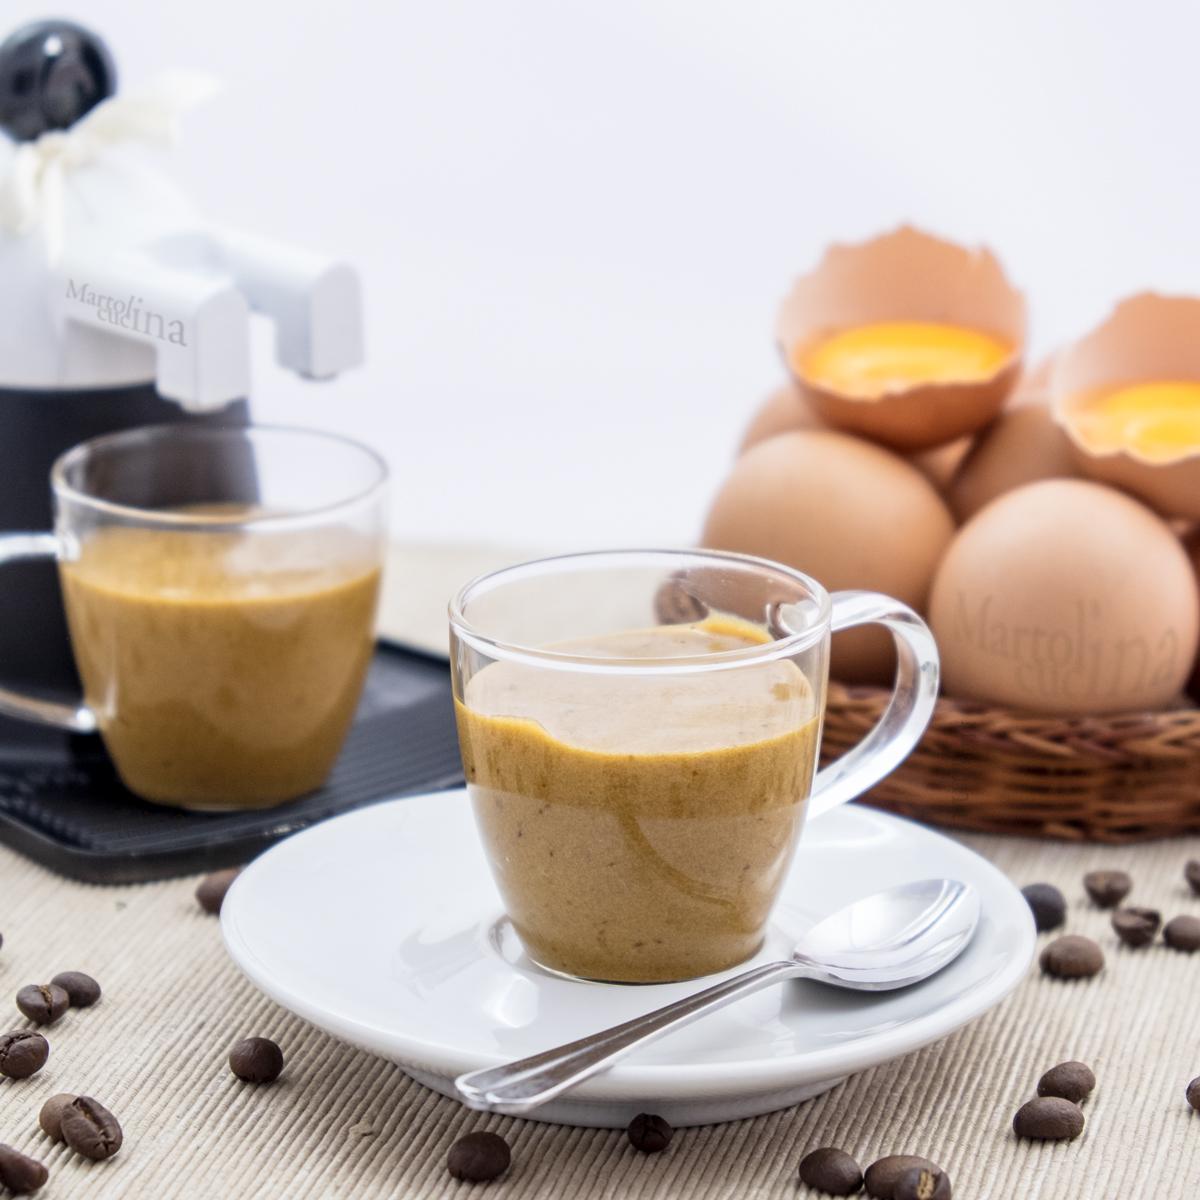 Zabaione-caffe-B1200x1200